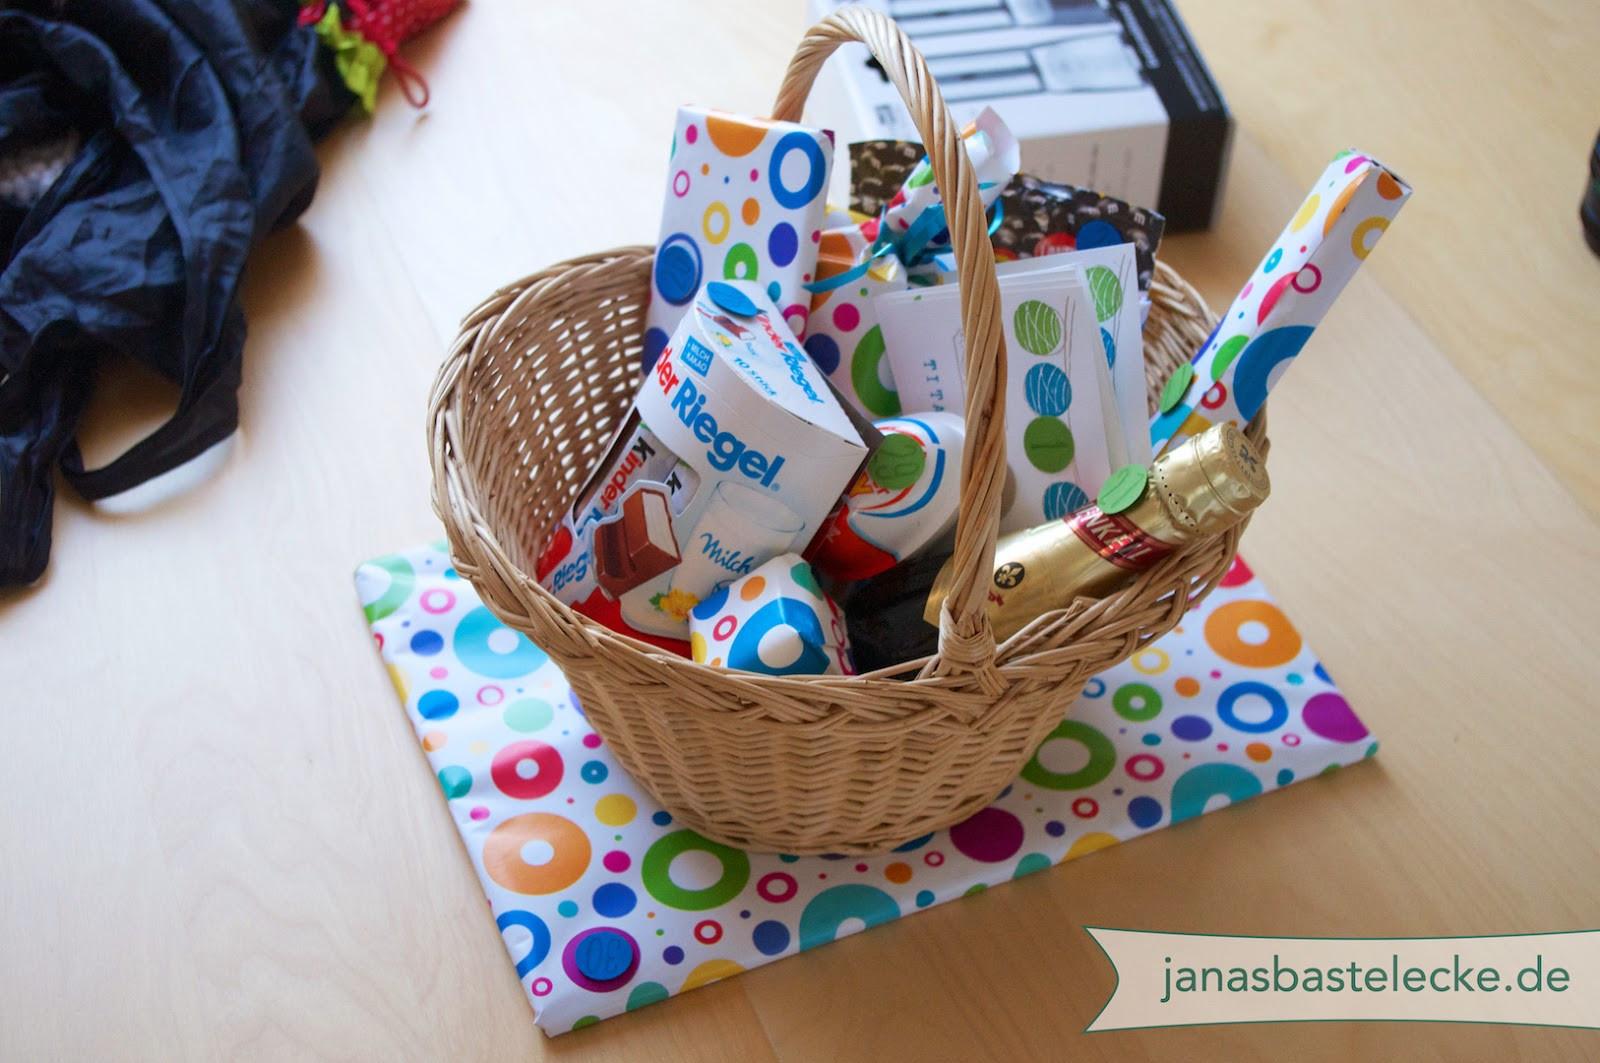 Geburtstagsgeschenke Zum 30  JanasBastelecke Geburtstagsgeschenk zum 30 für den Mann